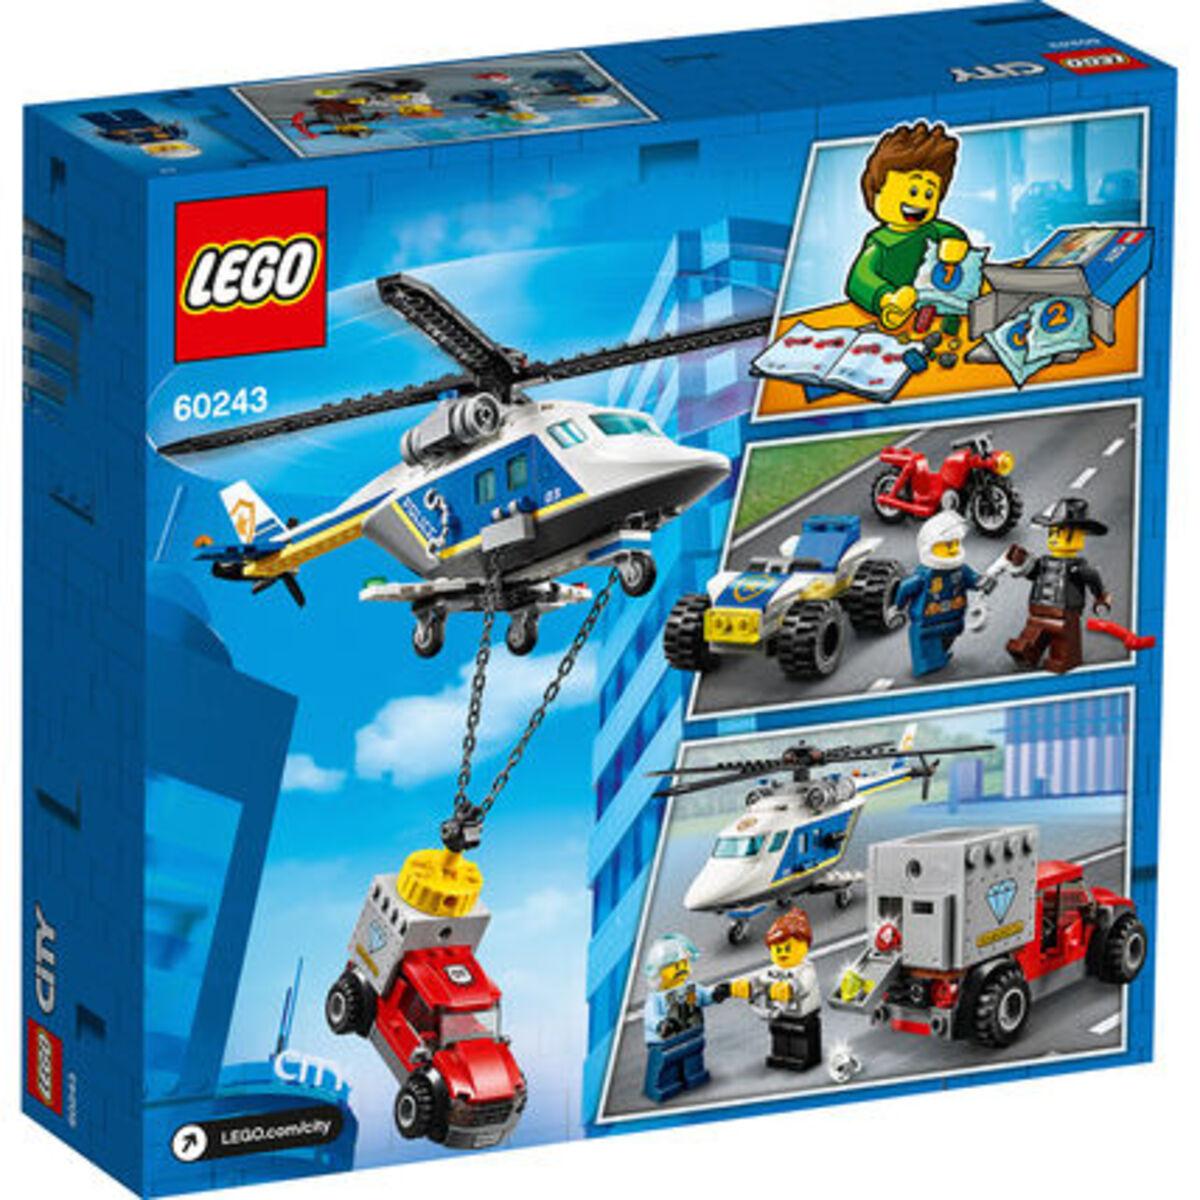 Bild 2 von LEGO® City - Bundle 60243 Verfolgungsjagd mit dem Polizeihubschrauber + 60244 Polizeihubschrauber-Transport